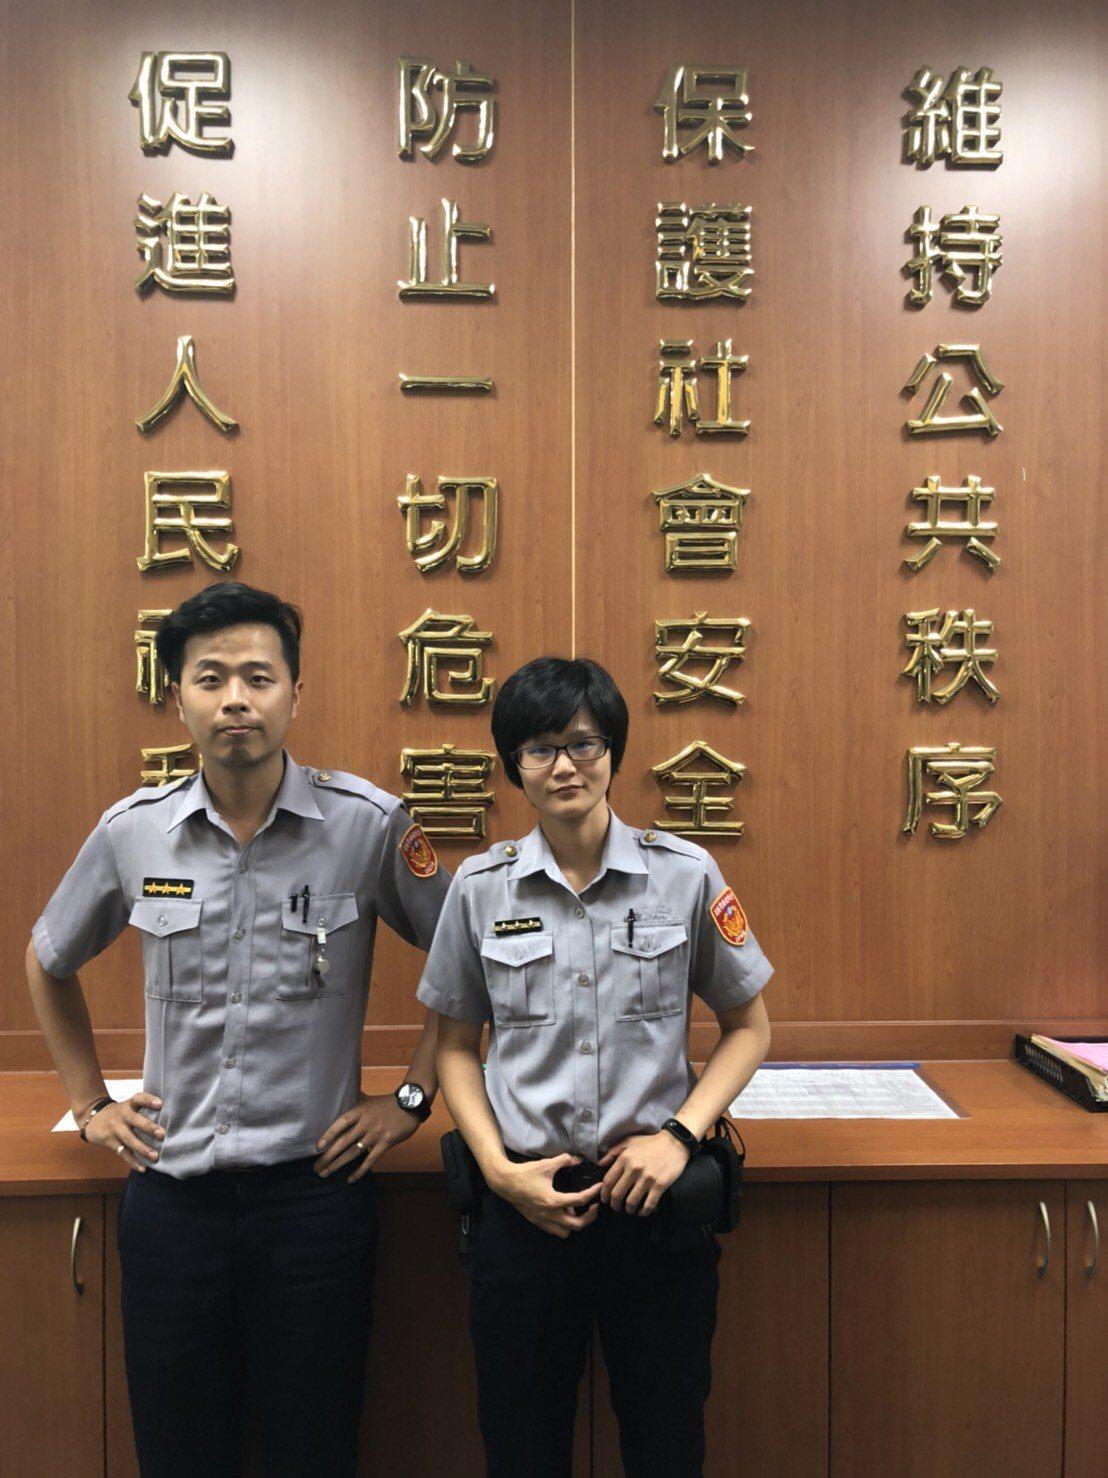 員警廖彥翔、謝宜蓁成功攔阻詐騙。記者李承穎/翻攝